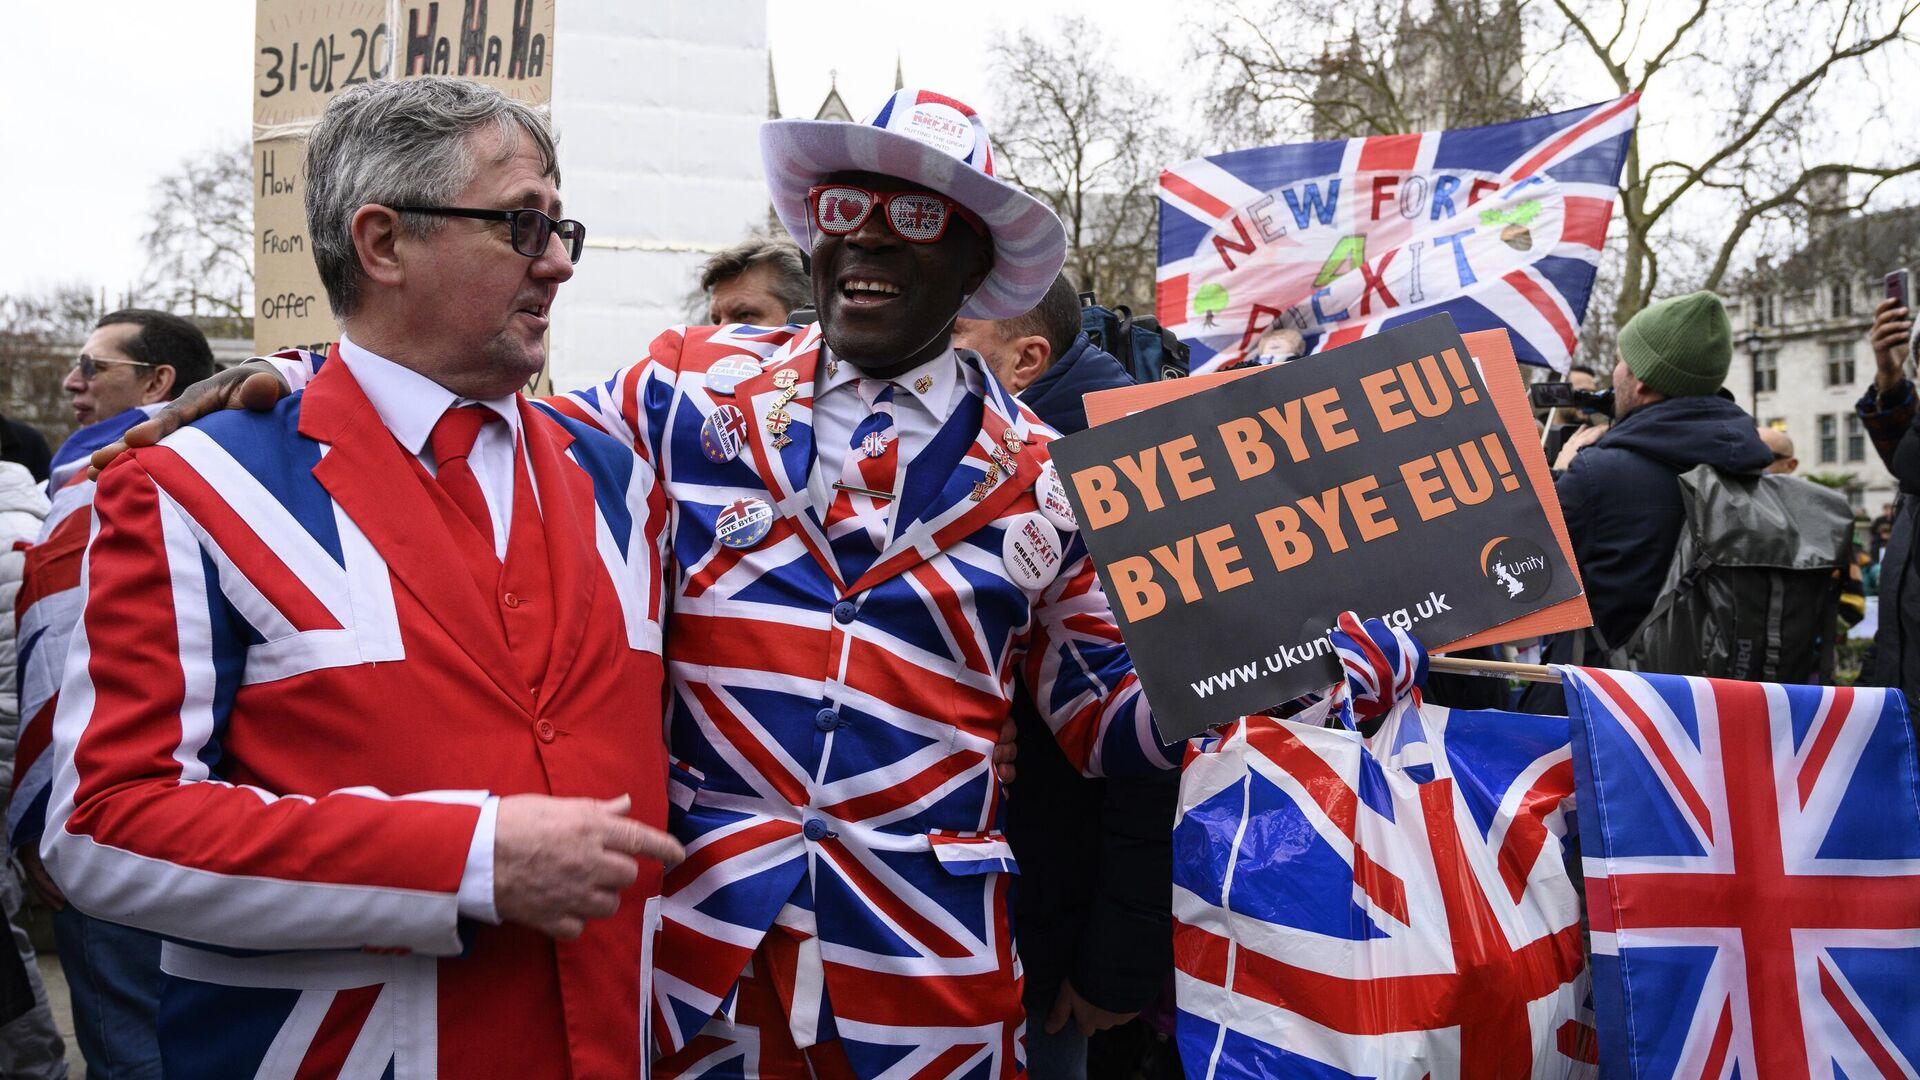 Сторонники Brexit на торжественных мероприятиях, посвященных выходу Великобритании из ЕС (Brexit Party) на площади Парламента в Лондоне - РИА Новости, 1920, 21.07.2020